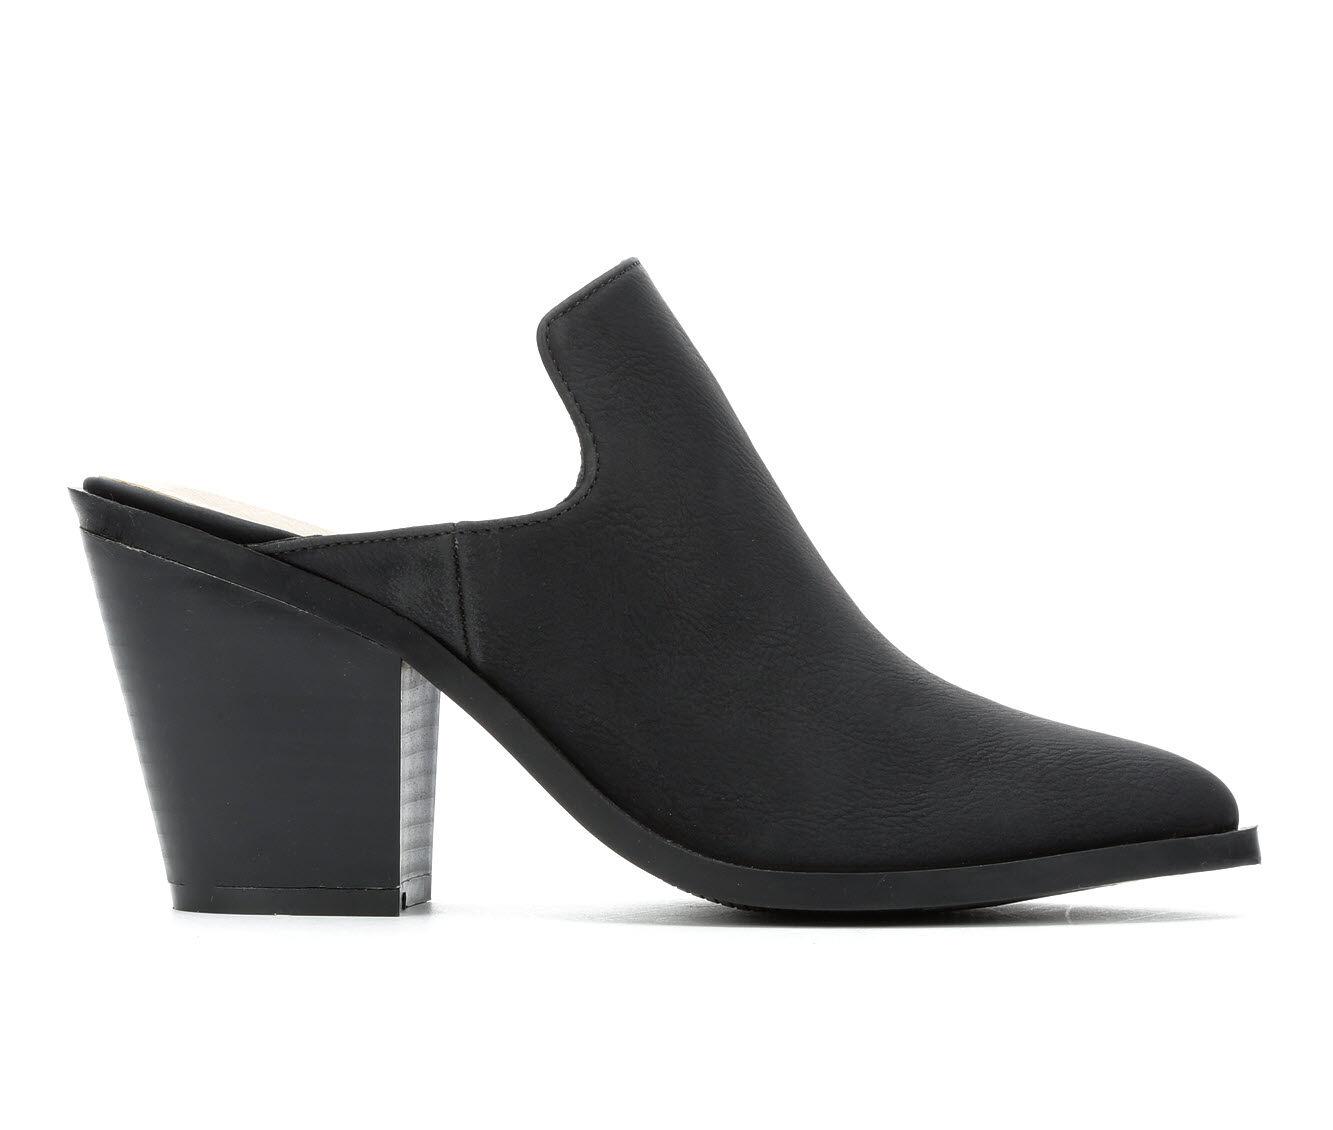 Women's Zigi Soho Maurine Pointy Toe Heeled Mules Black